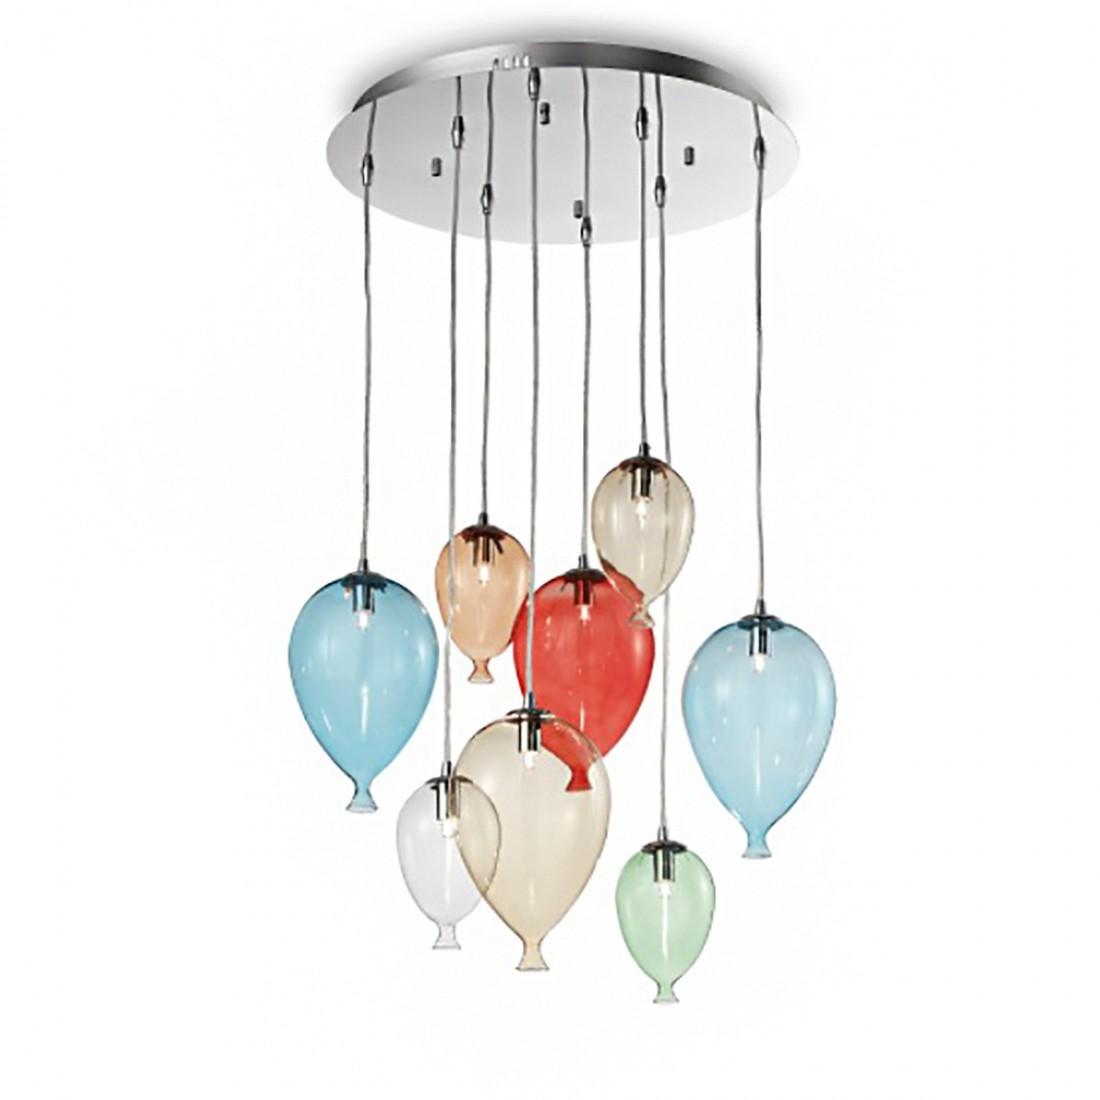 Lampadari tiffany in vetro colorato ⭐ 560 000 pz di lampade in magazzino. Lampadario Con Gocce Di Vetro Soffiato Colorato 5 Luci Attacco G9